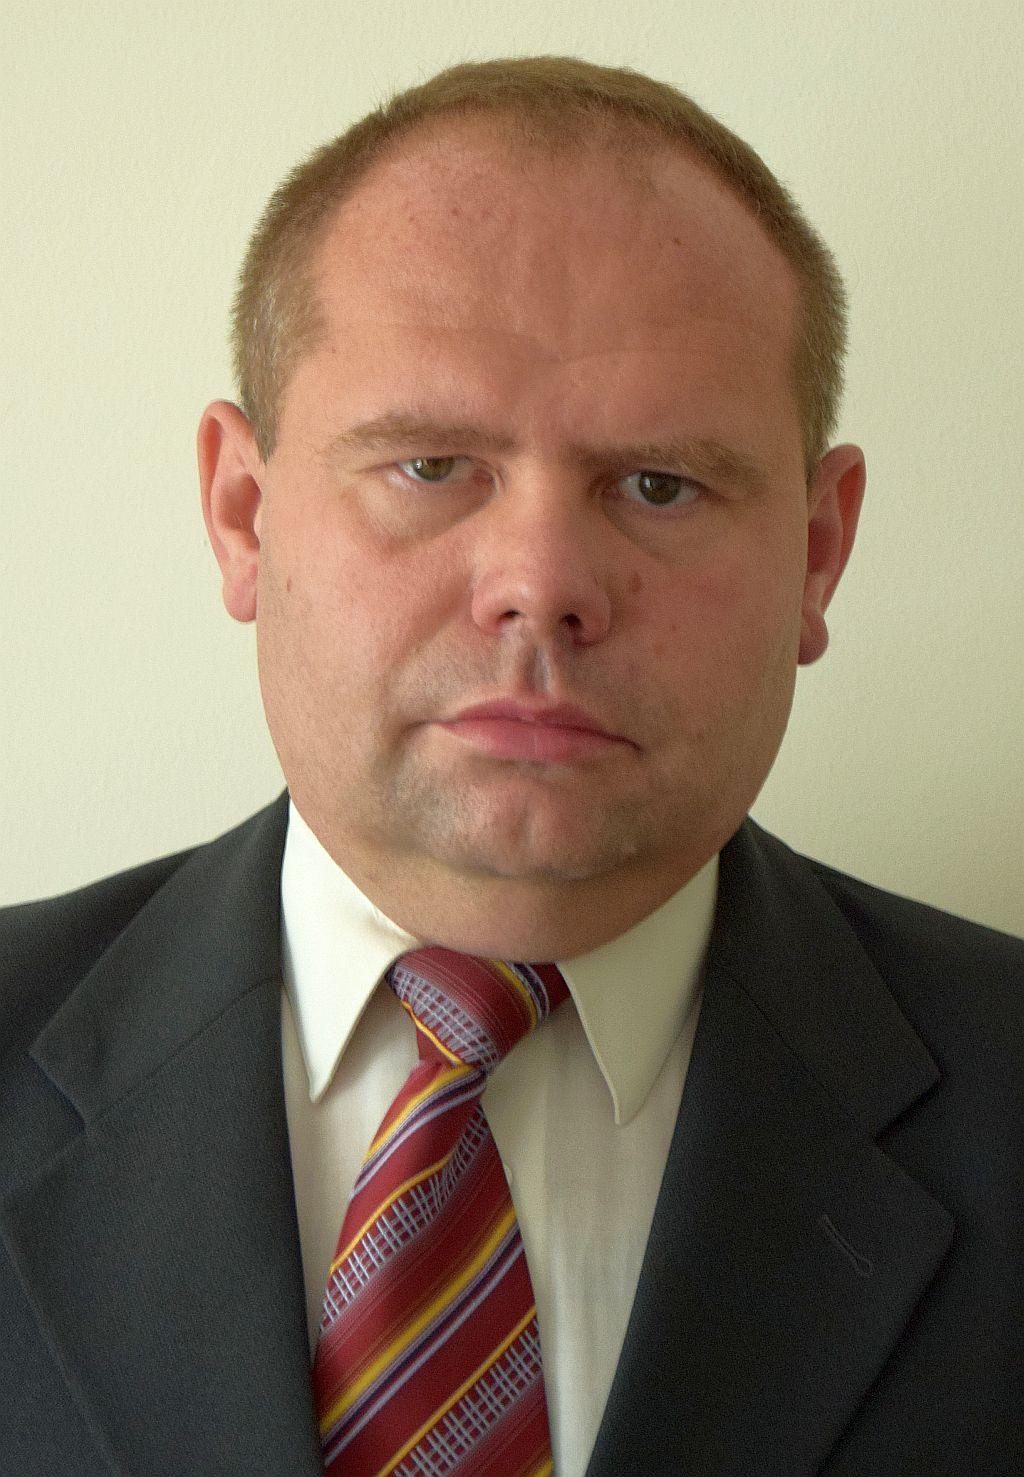 Na zdjęciu zastępca dyrektora Wydziału Infrastruktury, pan Sylwester Janyszko